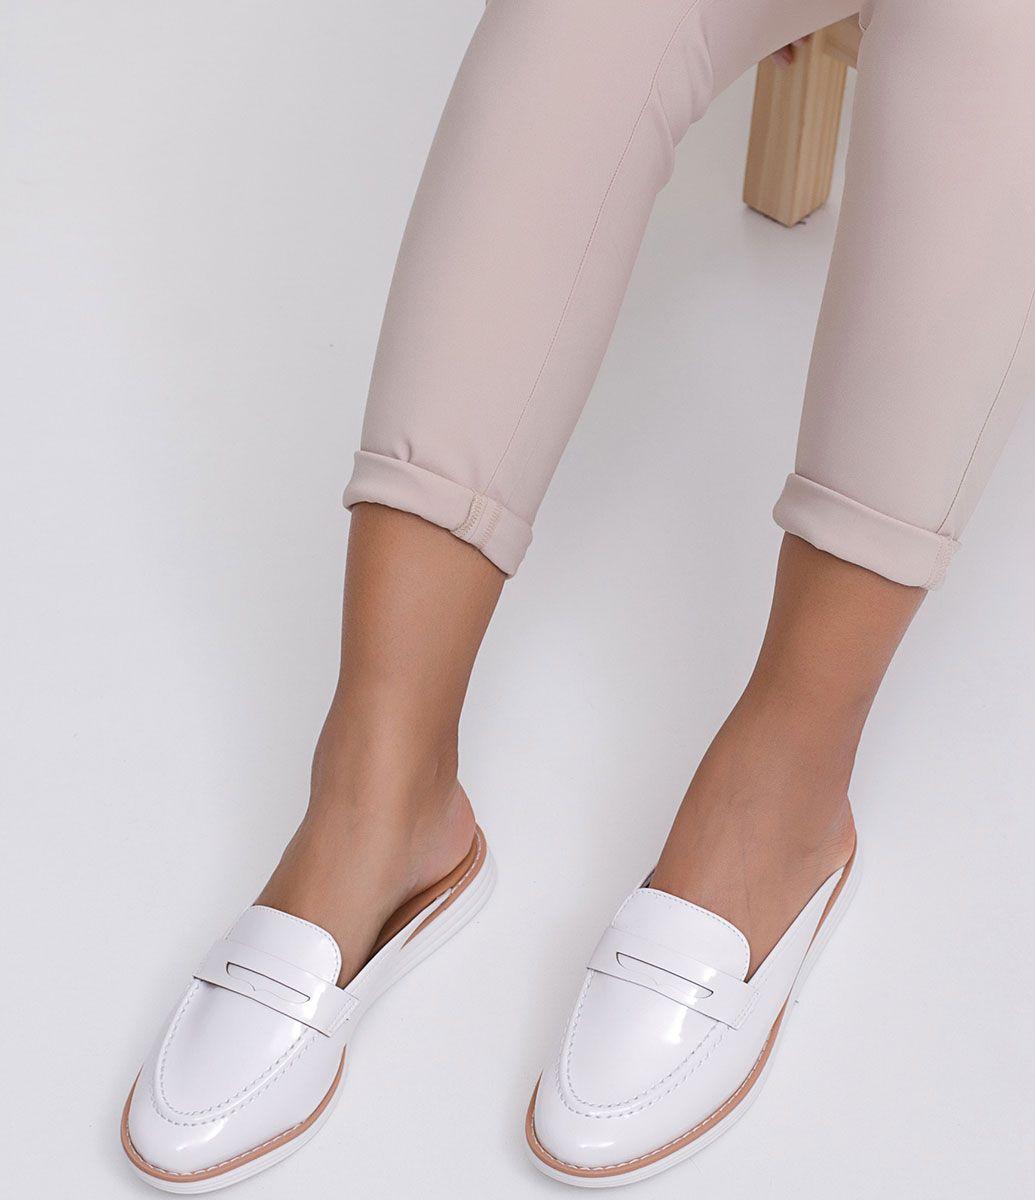 f3daa04858 Sapato feminino Mule Marca  Vizzano Material  sintético COLEÇÃO INVERNO  2017 Veja outras opções de sapatos femininos. Sobre a marca Vizzano Para  oferecer a ...